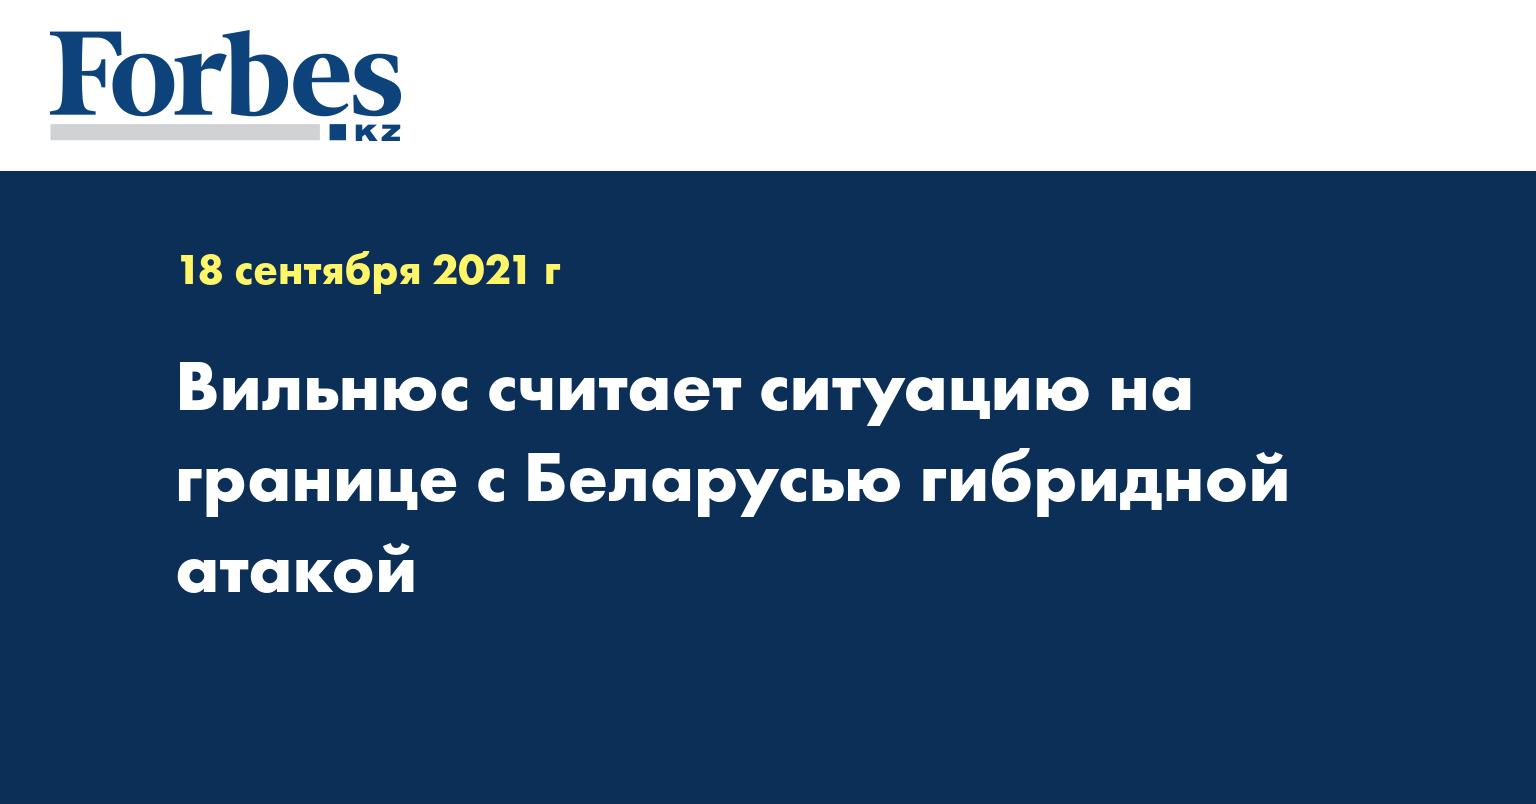 Вильнюс считает ситуацию на границе с Беларусью гибридной атакой